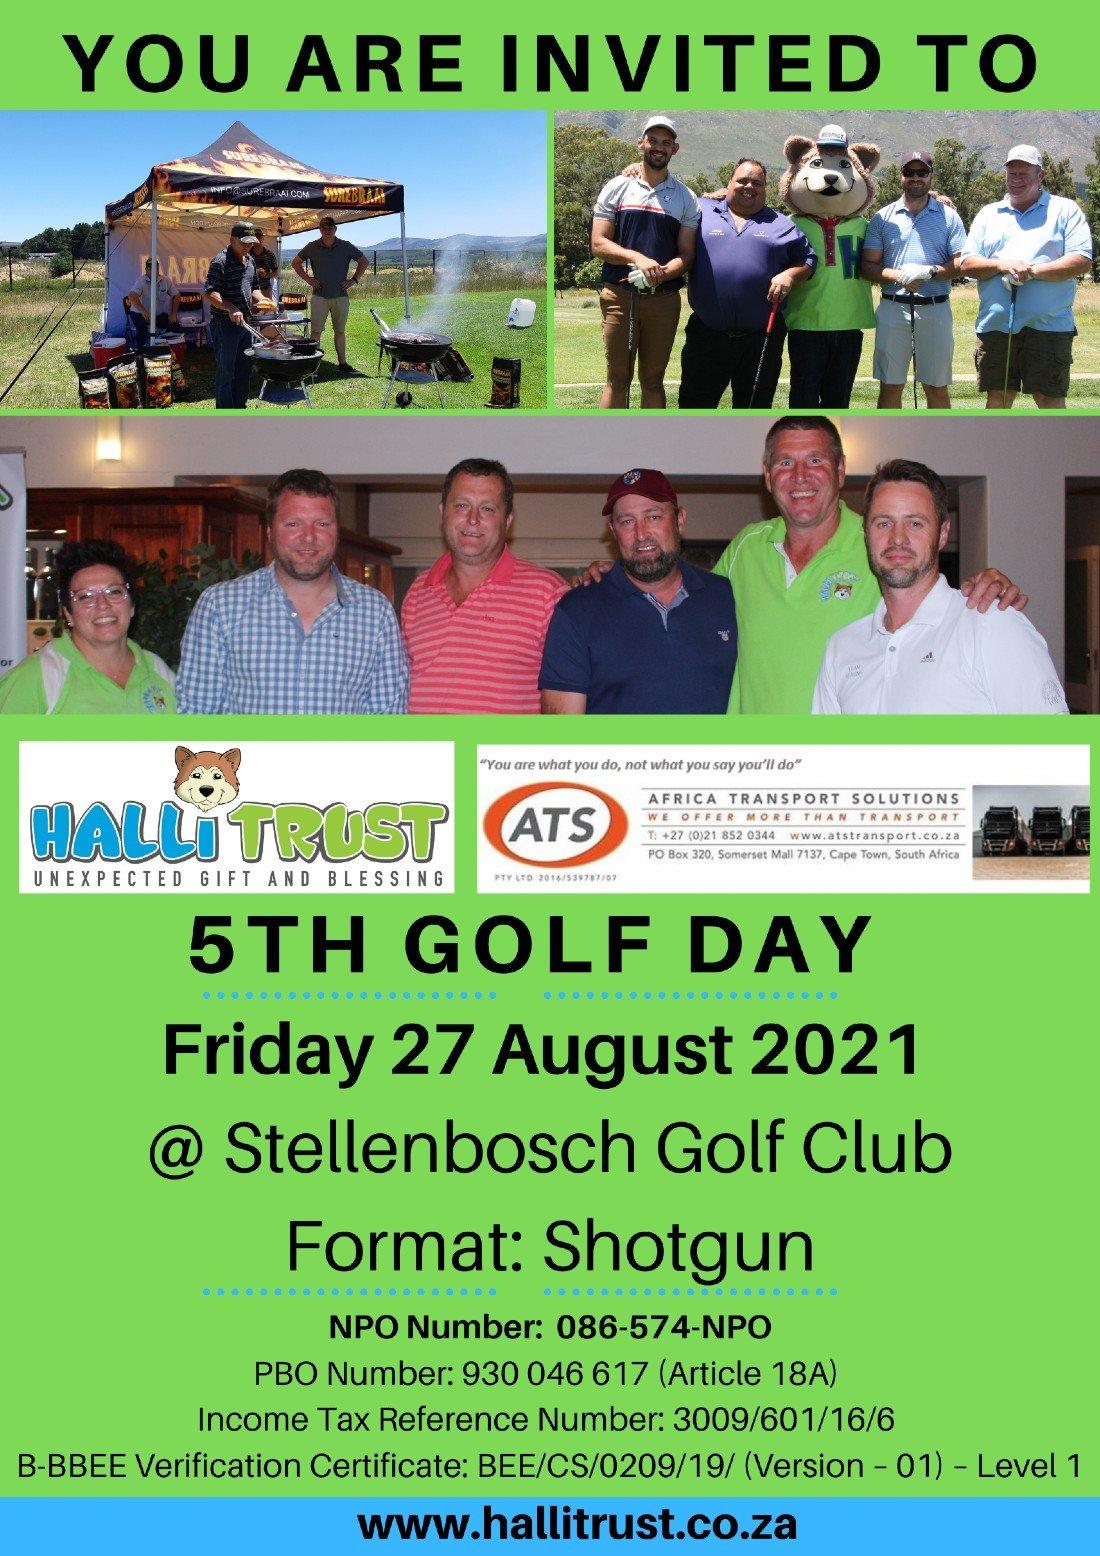 Halli Trust 5TH GOLF DAY, 27 August   Event in Stellenbosch   AllEvents.in